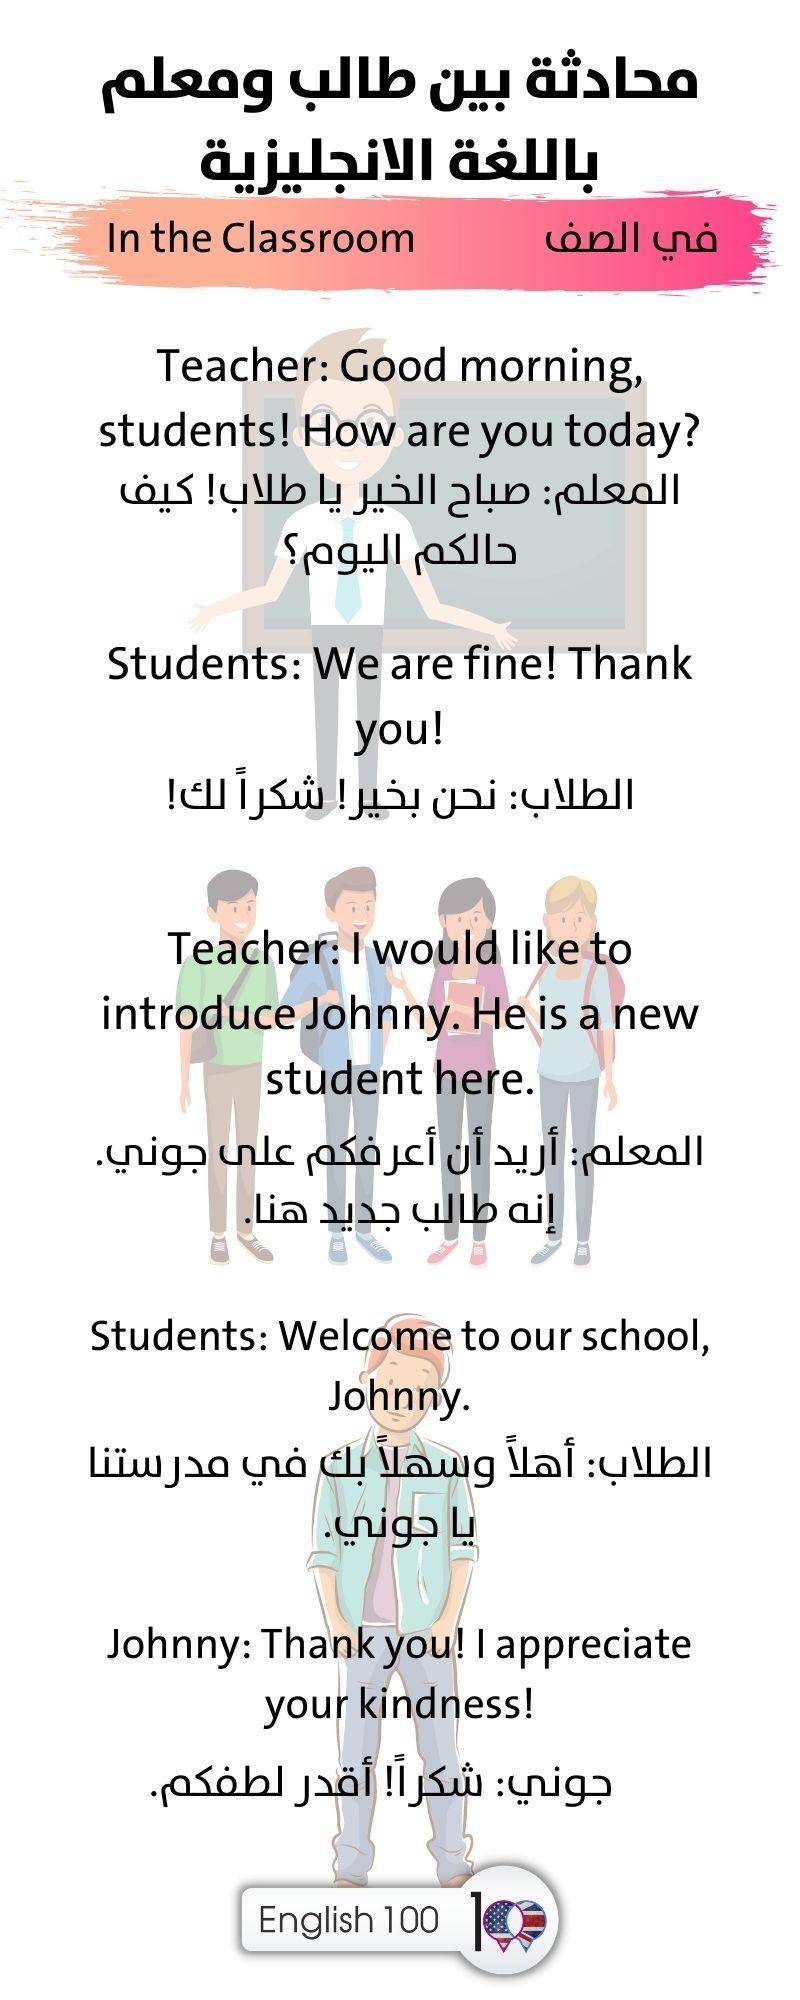 محادثة بين طالب ومعلم باللغة الانجليزية A Conversation between a Student and a Teacher in English